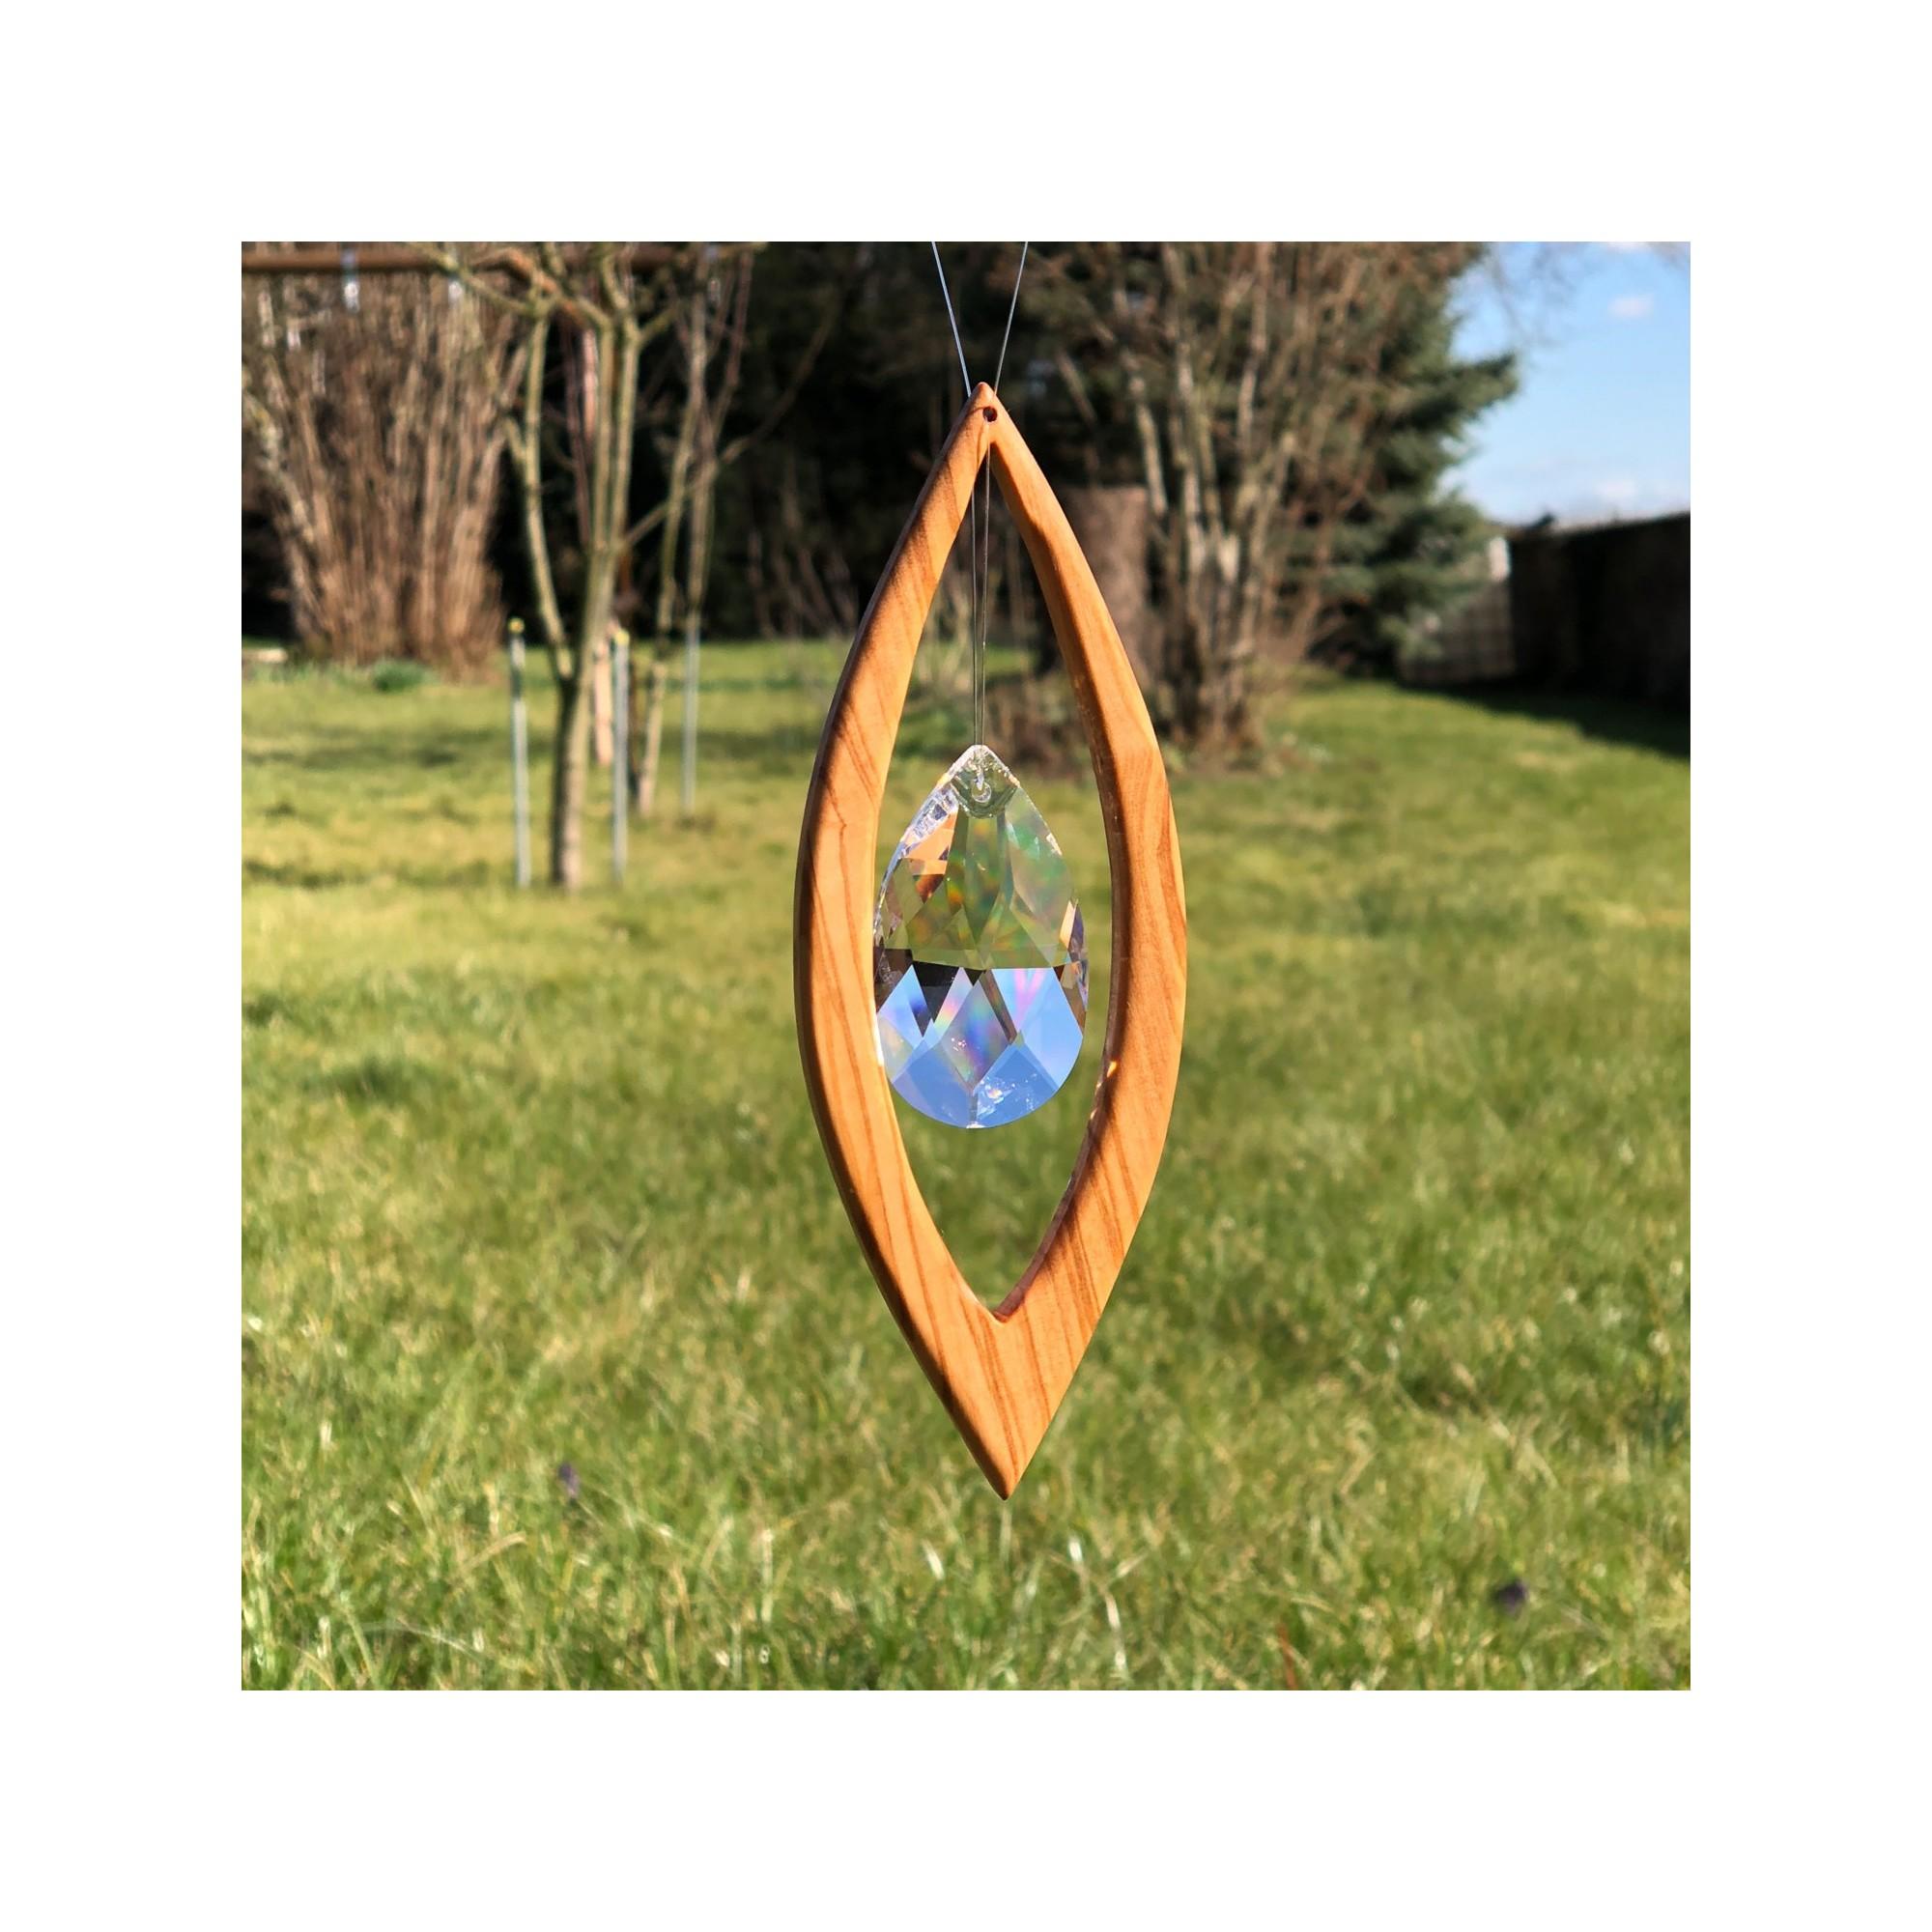 Fensterdeko Aus Holz : fensterdeko aus holz segel klein mit bleikristall kaufen ~ Markanthonyermac.com Haus und Dekorationen